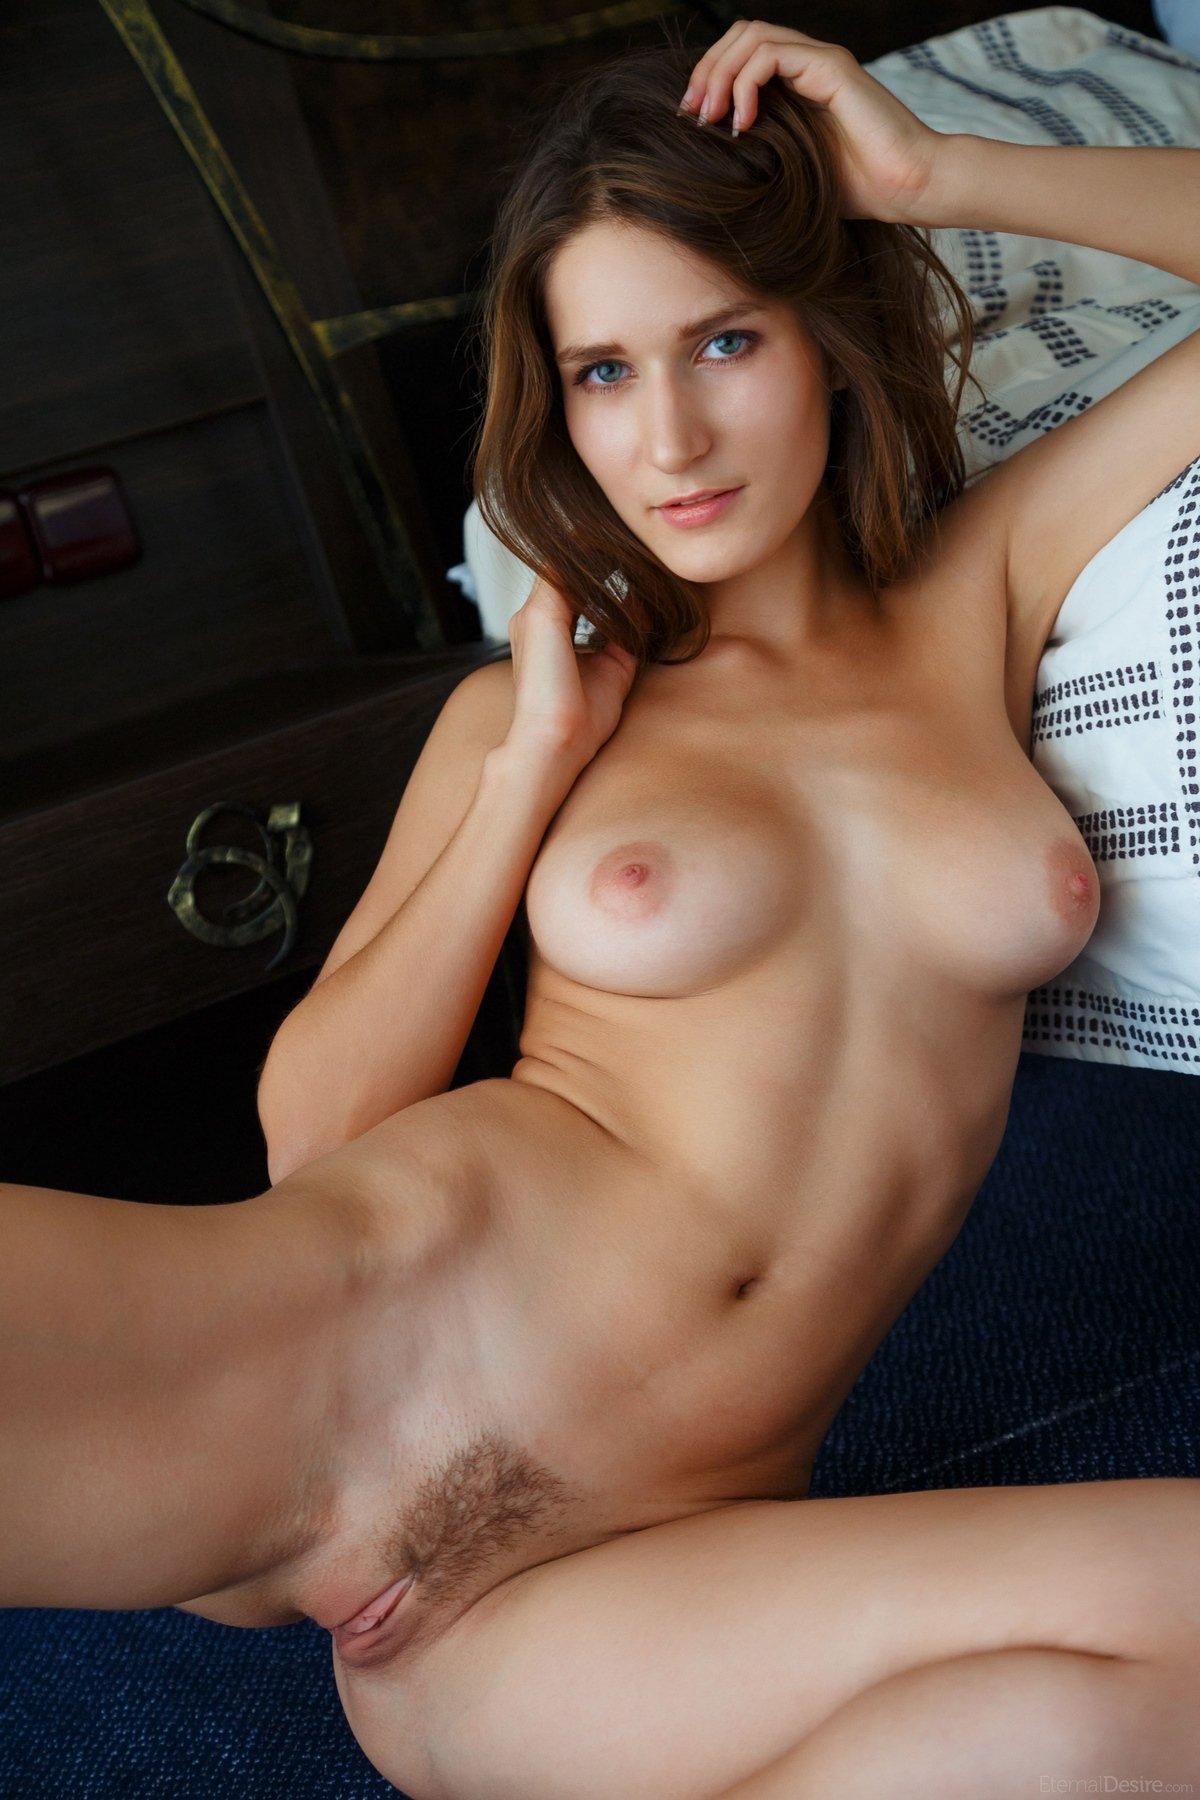 Откровенные фото голой шатенки в спальне